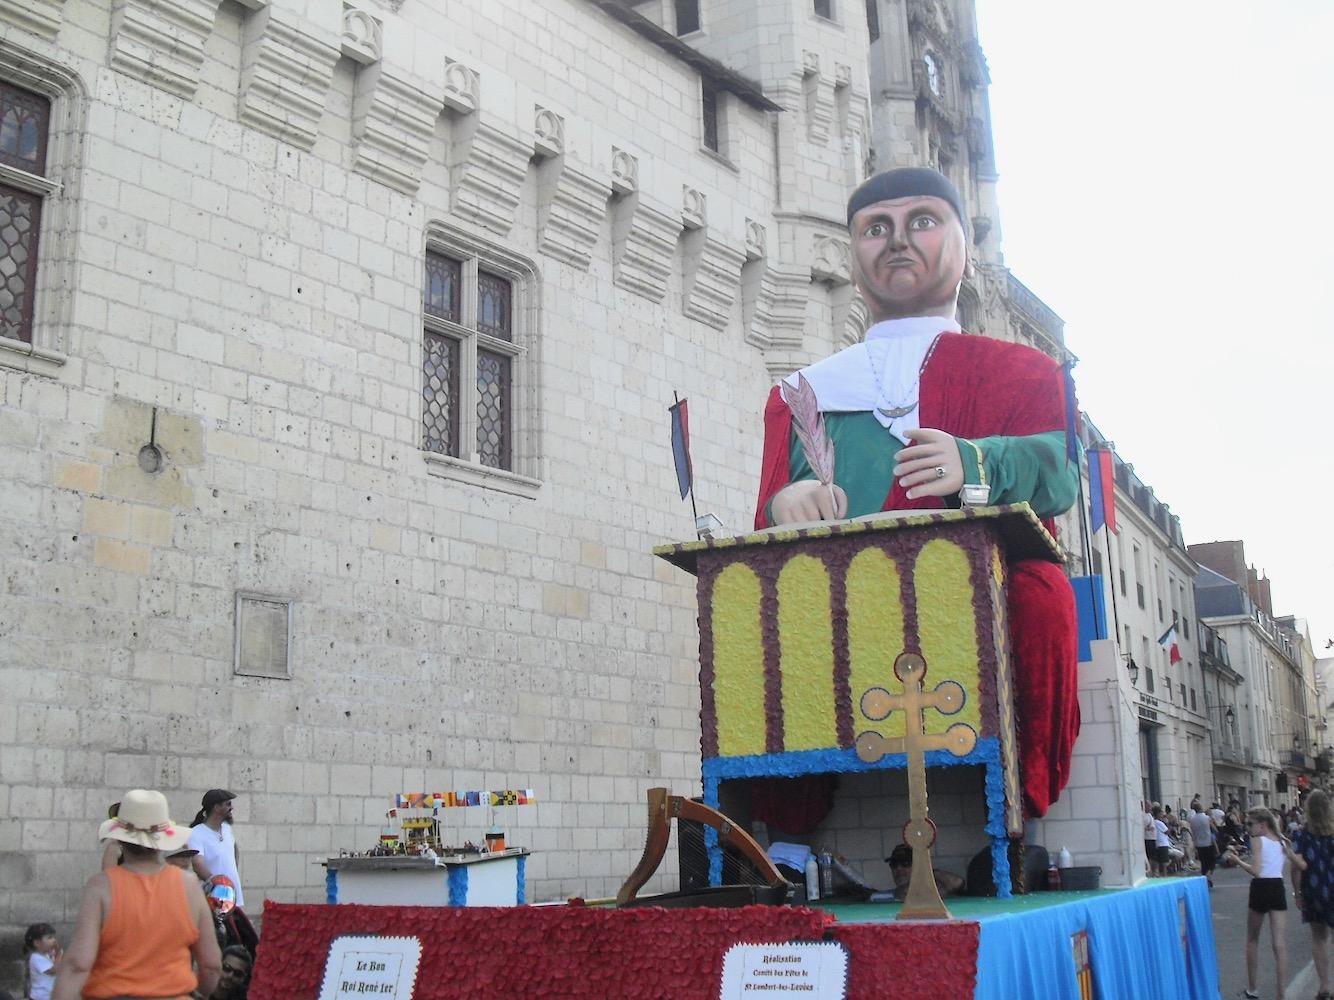 Le Bon Roi Rene D Anjou Mairie De Saumur Carnaval Cholet